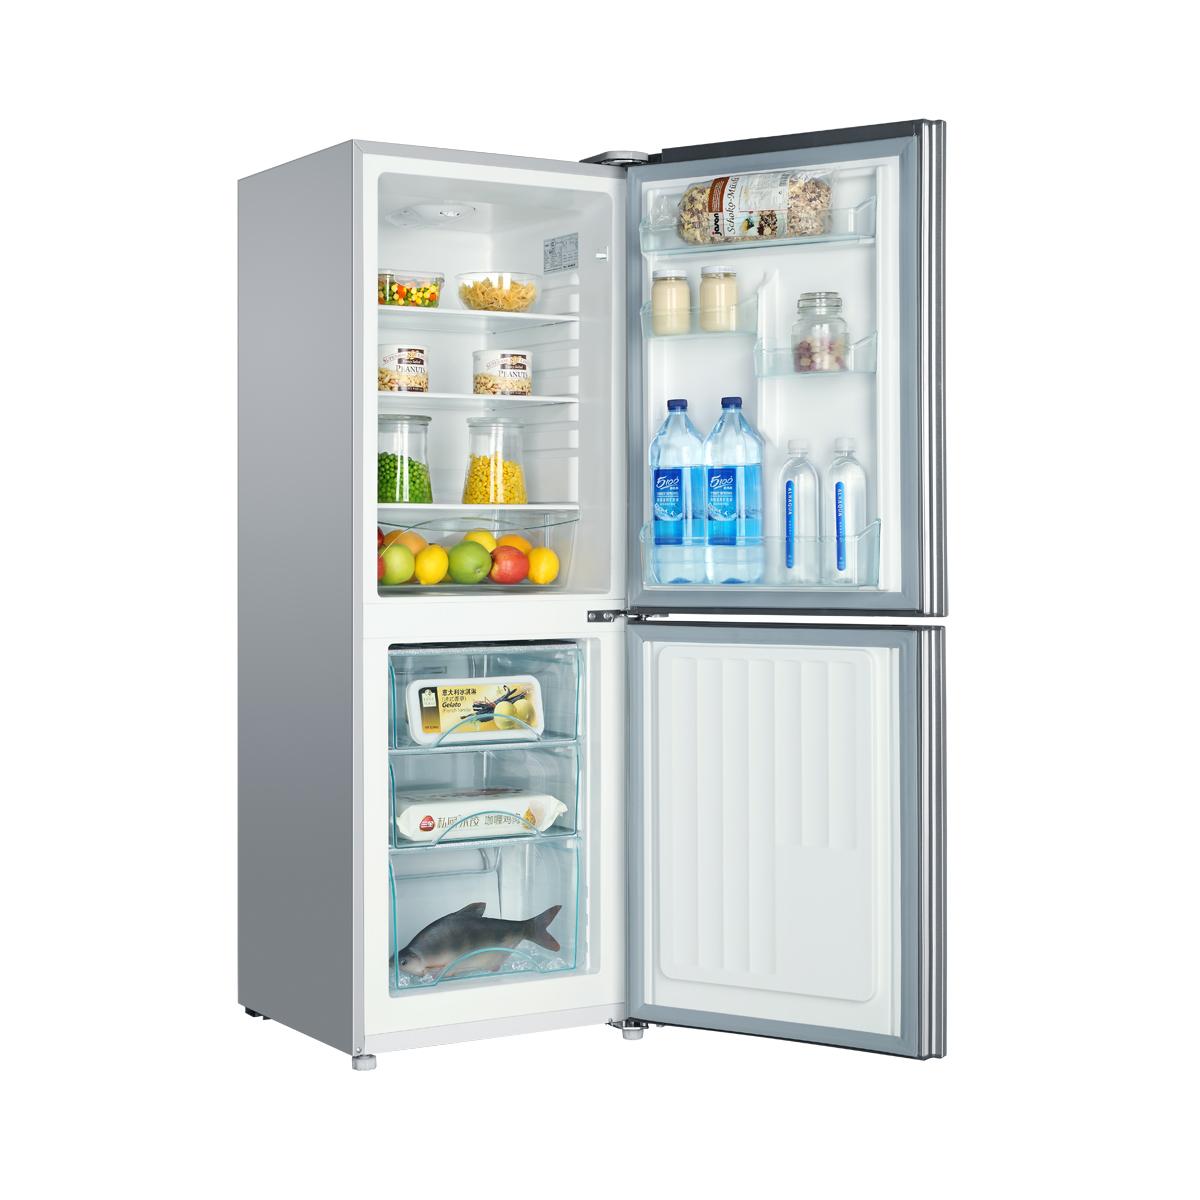 新冰箱漏电是怎么回事 新冰箱漏电处理的方法有哪些